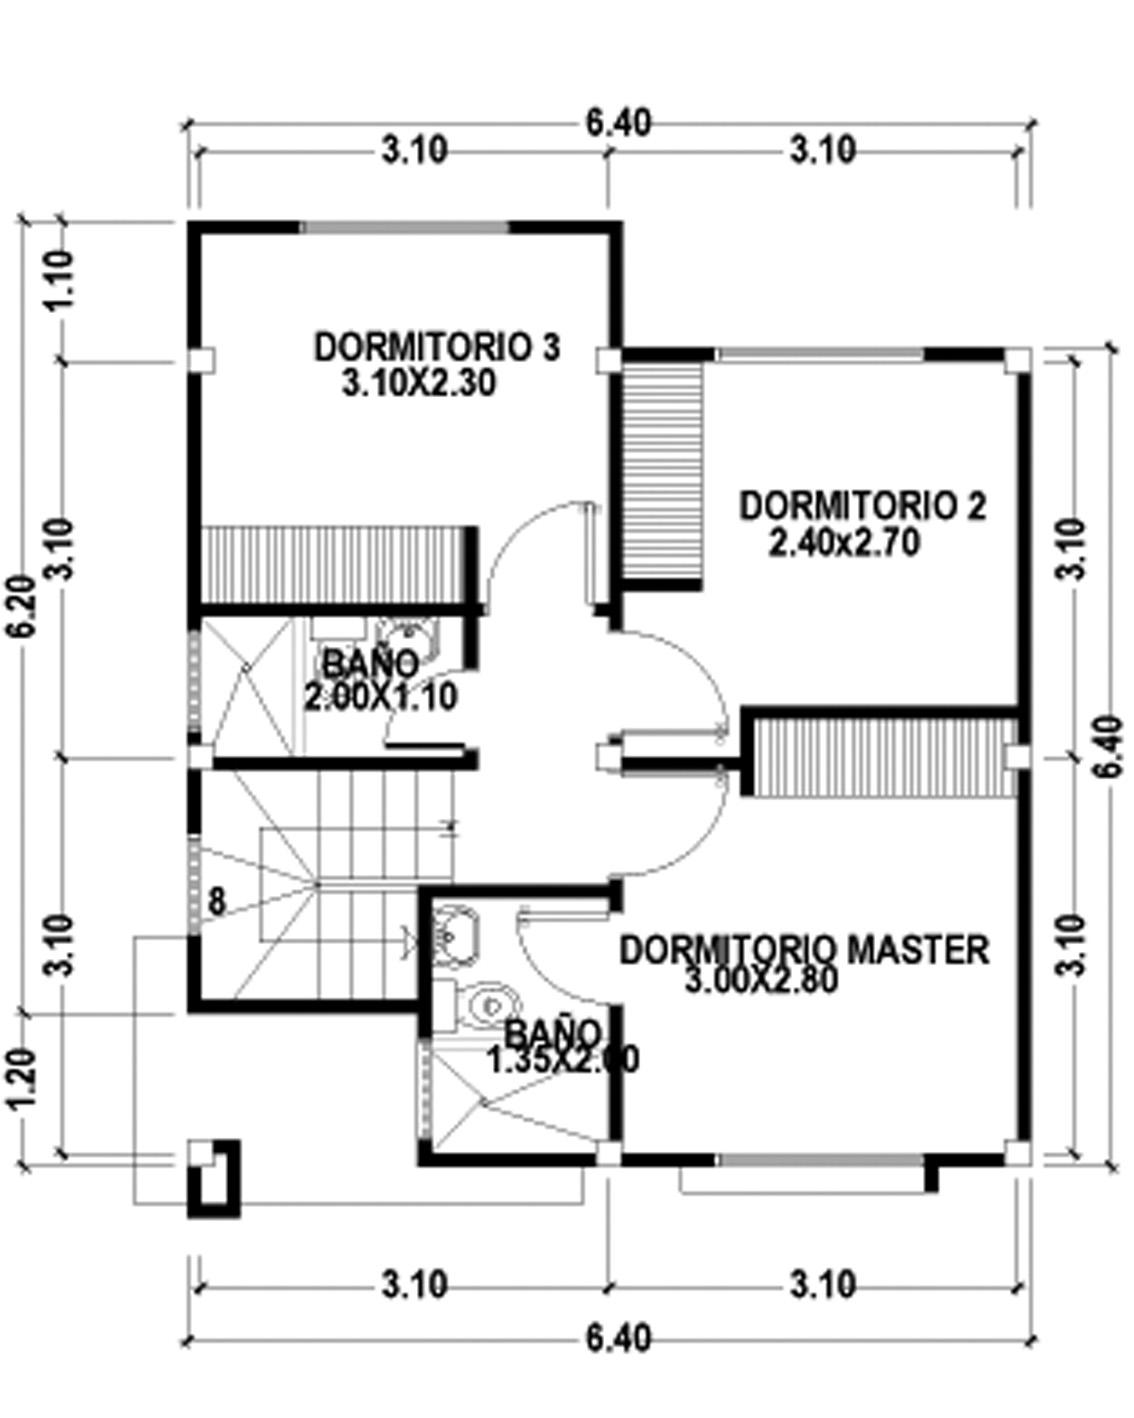 Construccion De Baño En Planta Alta:Plano Interior – Planta Alta